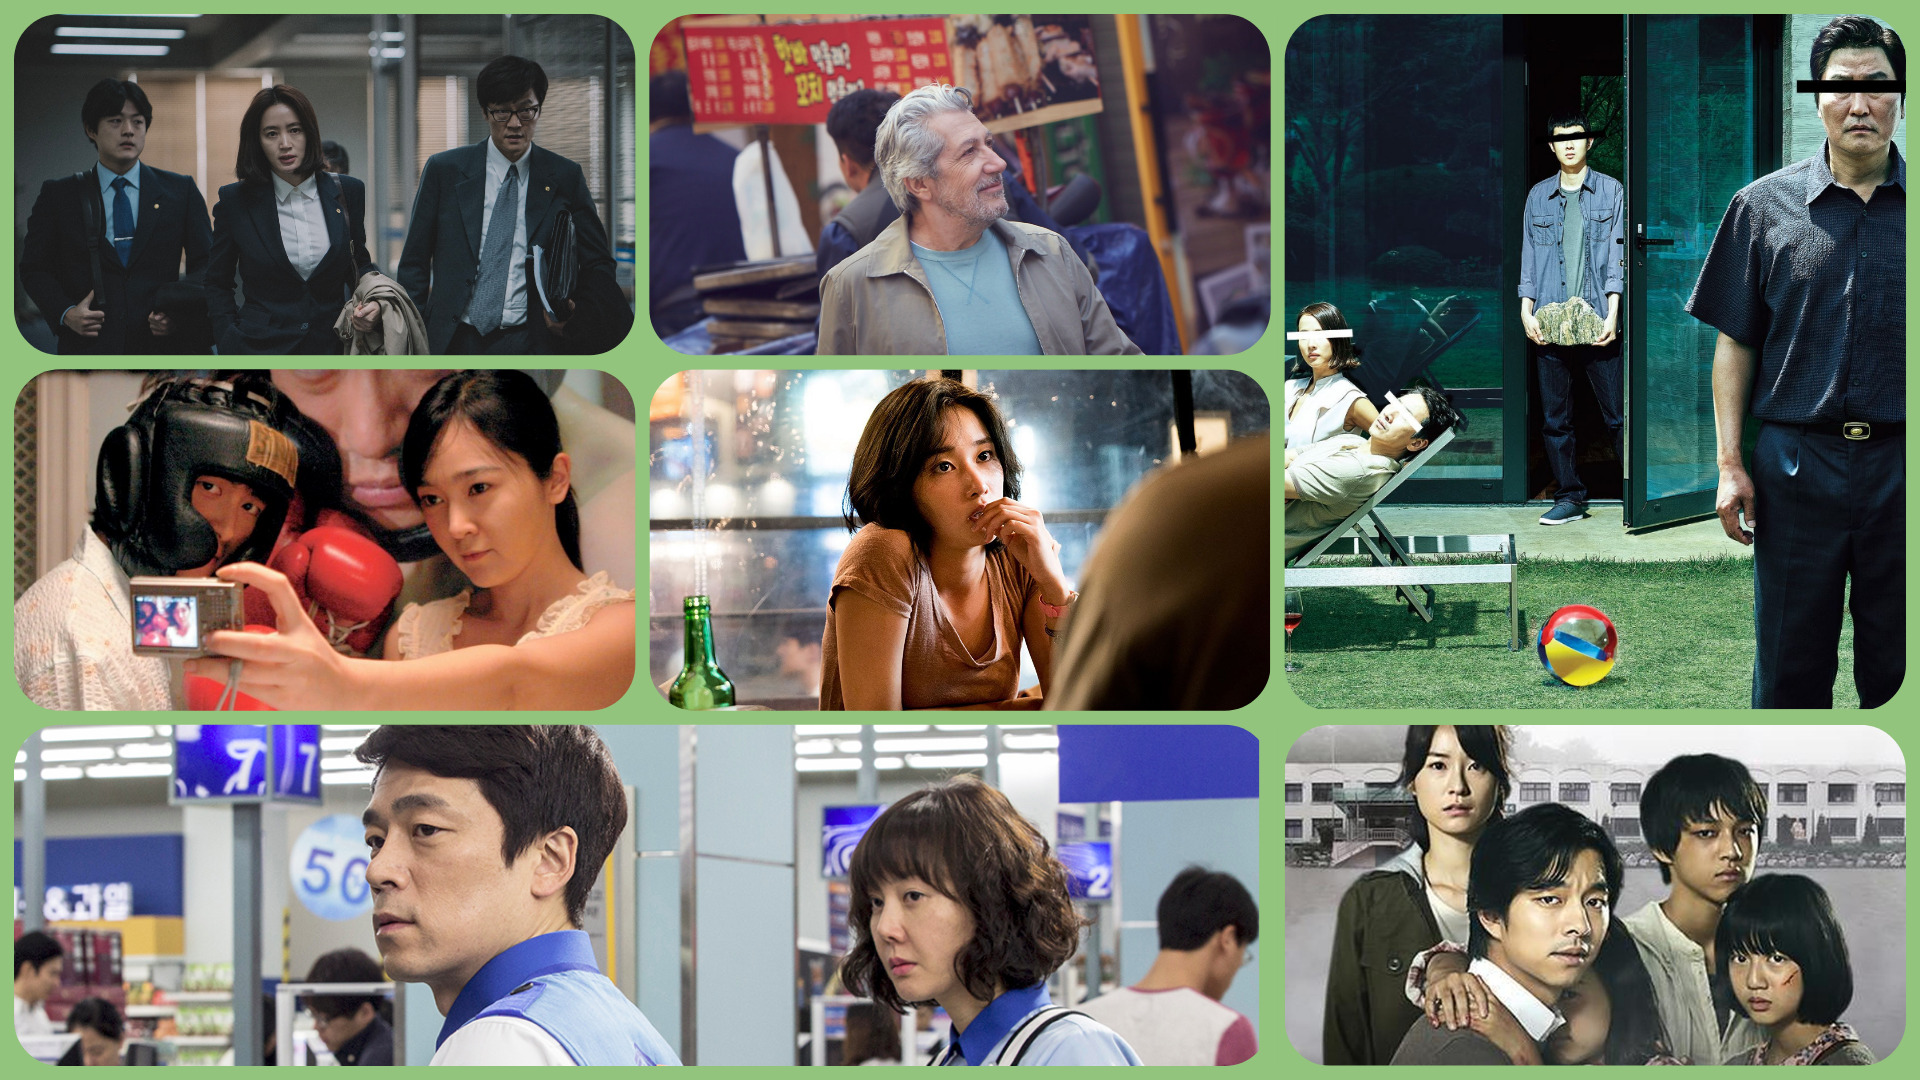 Екатерина Широкова: ТОП-7 фильмов, рассказывающих о жизни в современной Азии